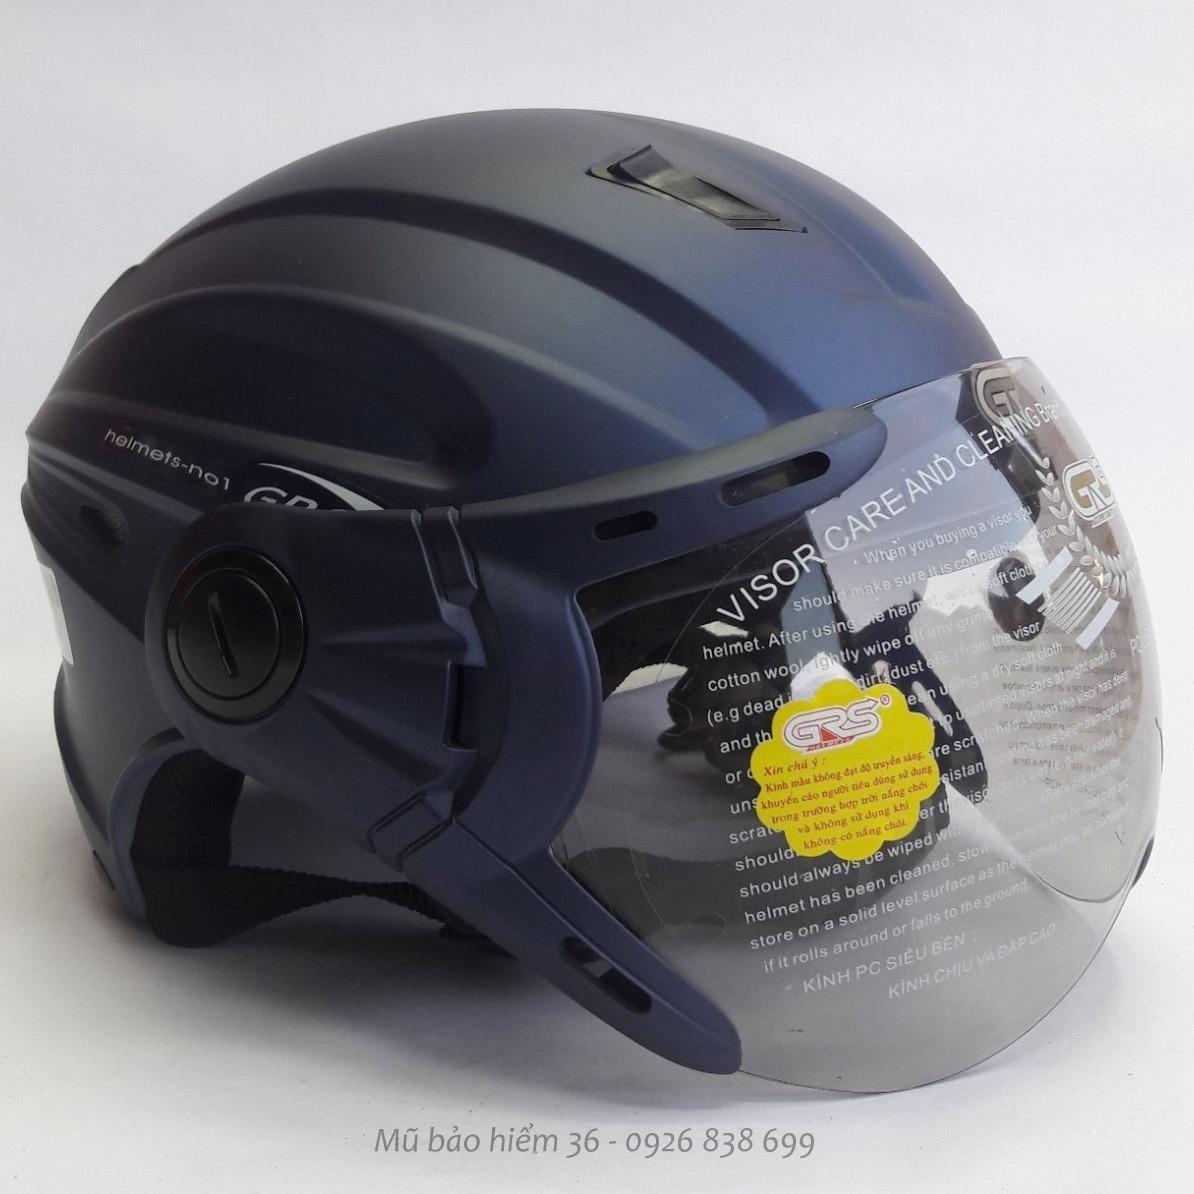 Bán Mũ Bảo Hiểm Nửa Đầu Co Kinh Grs A737K Mau Xanh Tim Than Nham Grs Trong Hà Nội